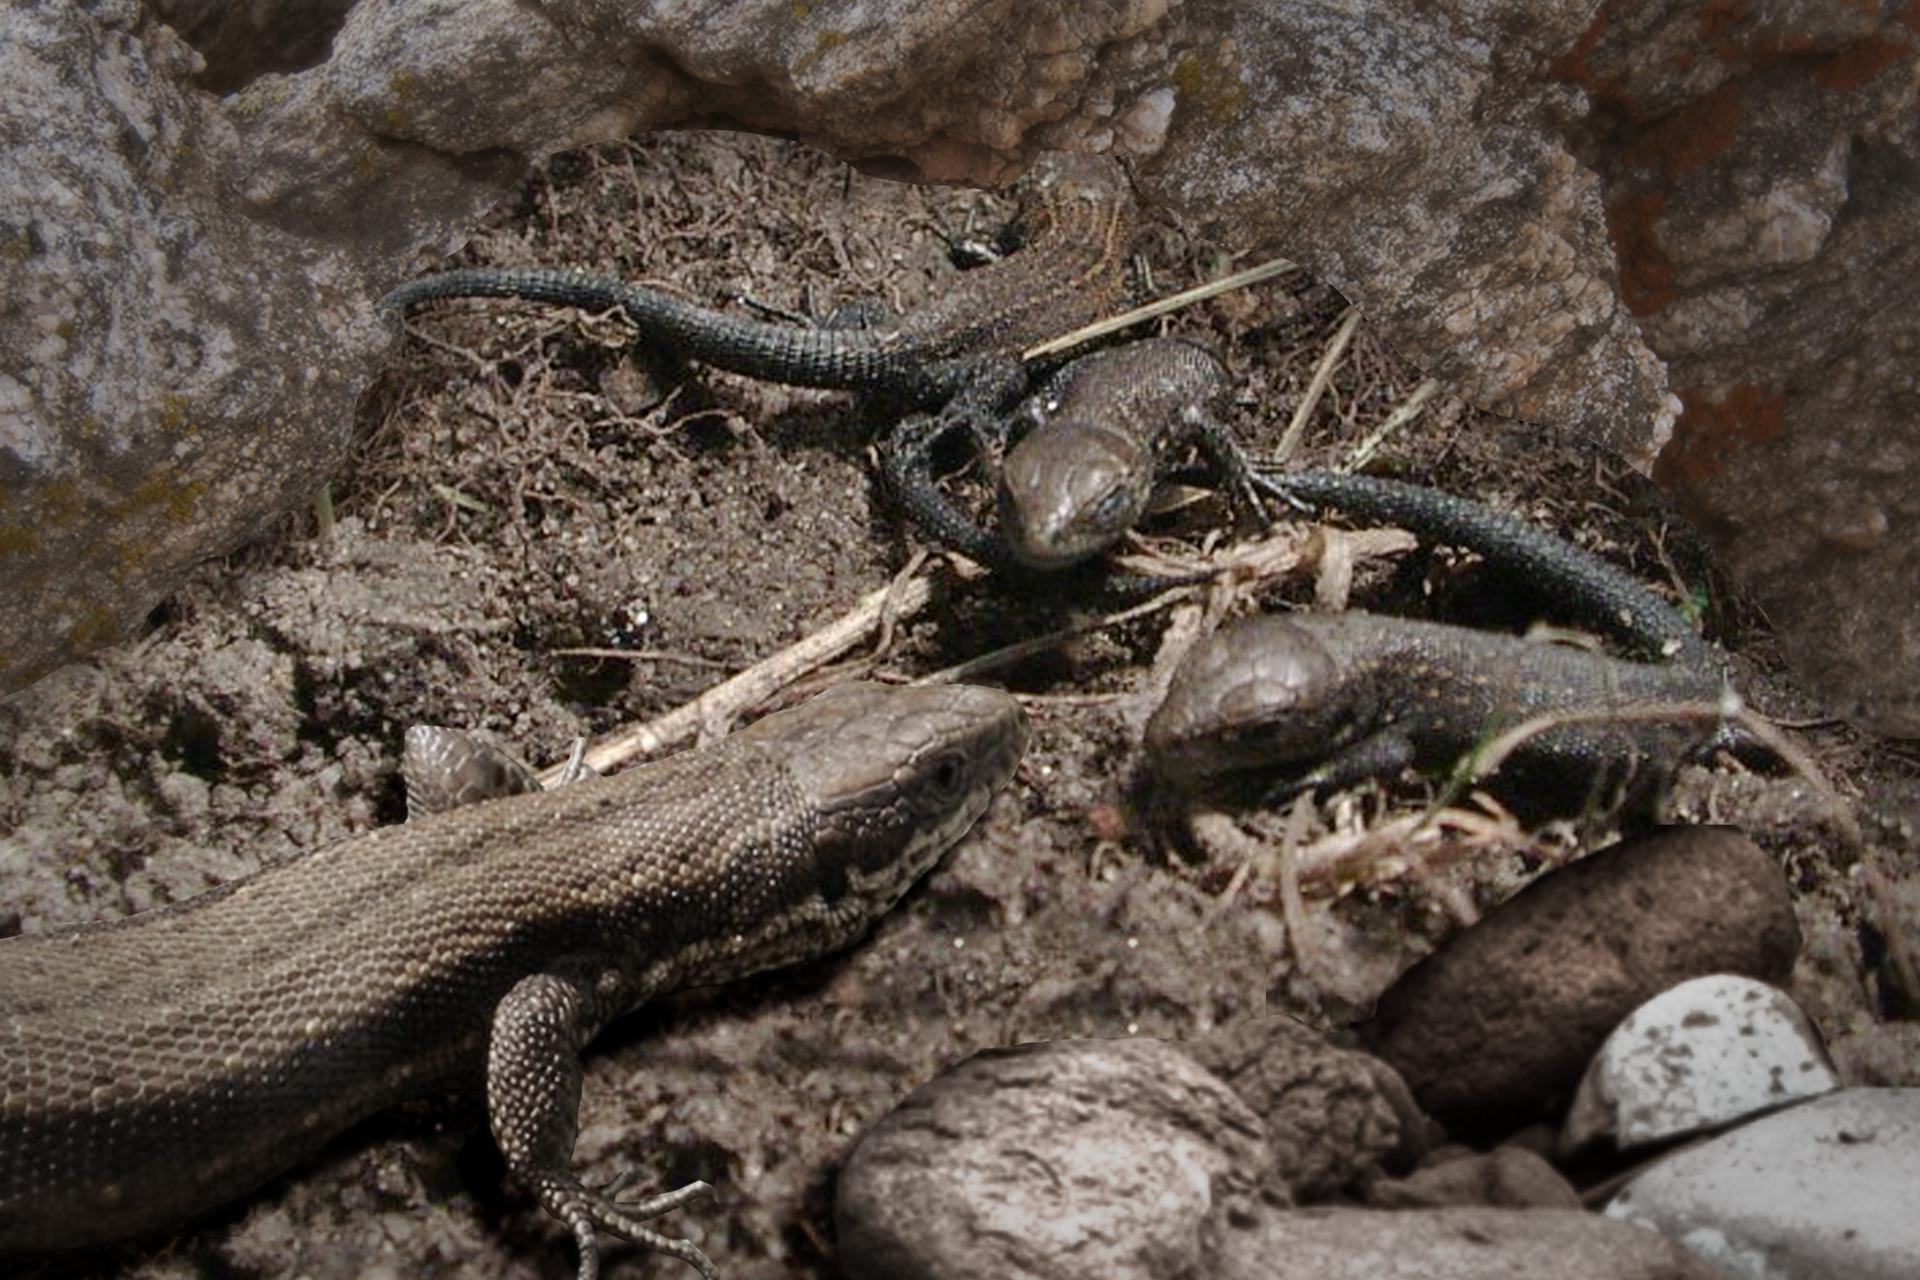 Fotografia wkolorze szarobrązowym przedstawia ukosem przednia połowę ciała jaszczurki żyworodnej. Przed jej pyskiem są trzy młode: dwa zwrócone do niej głowami, jedno odwrócone tyłem. Umłodych ciemno szare, segmentowane ogony. Gady znajdują się wgnieździe zresztek roślinnych, na ziemi między skałami.